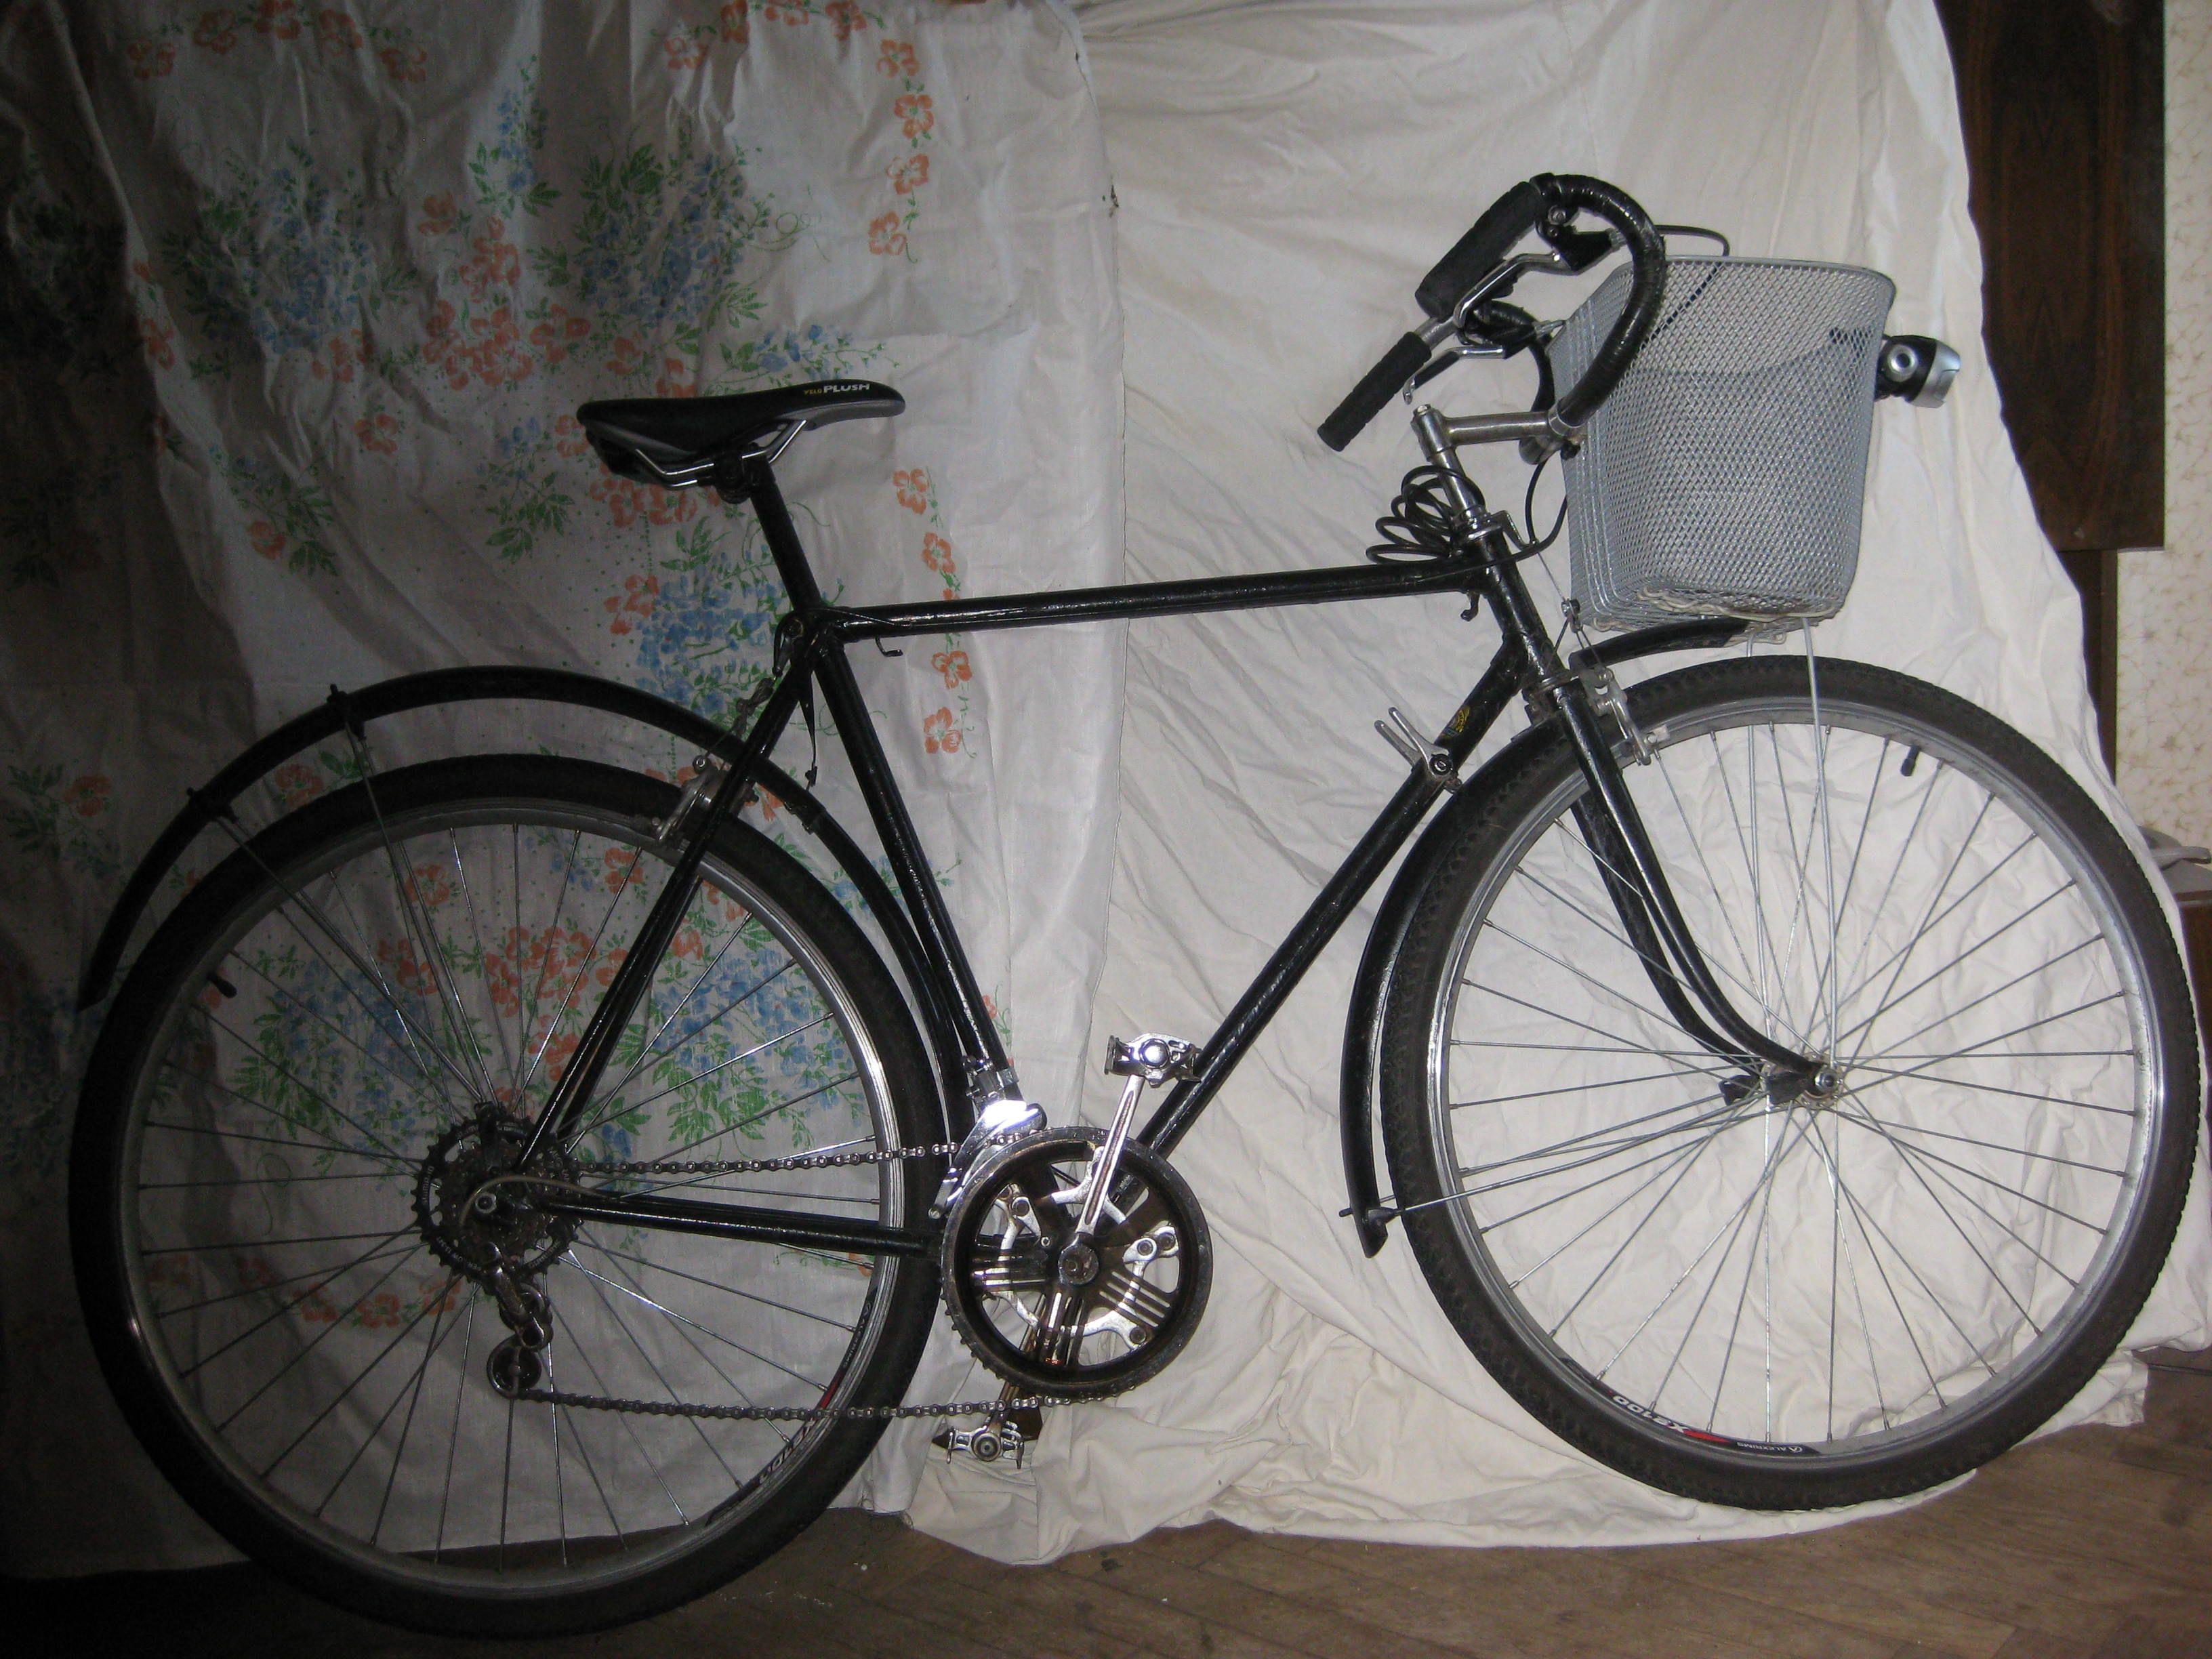 Скоростной велосипед : как выбрать, сделать из простого (обычного) 24